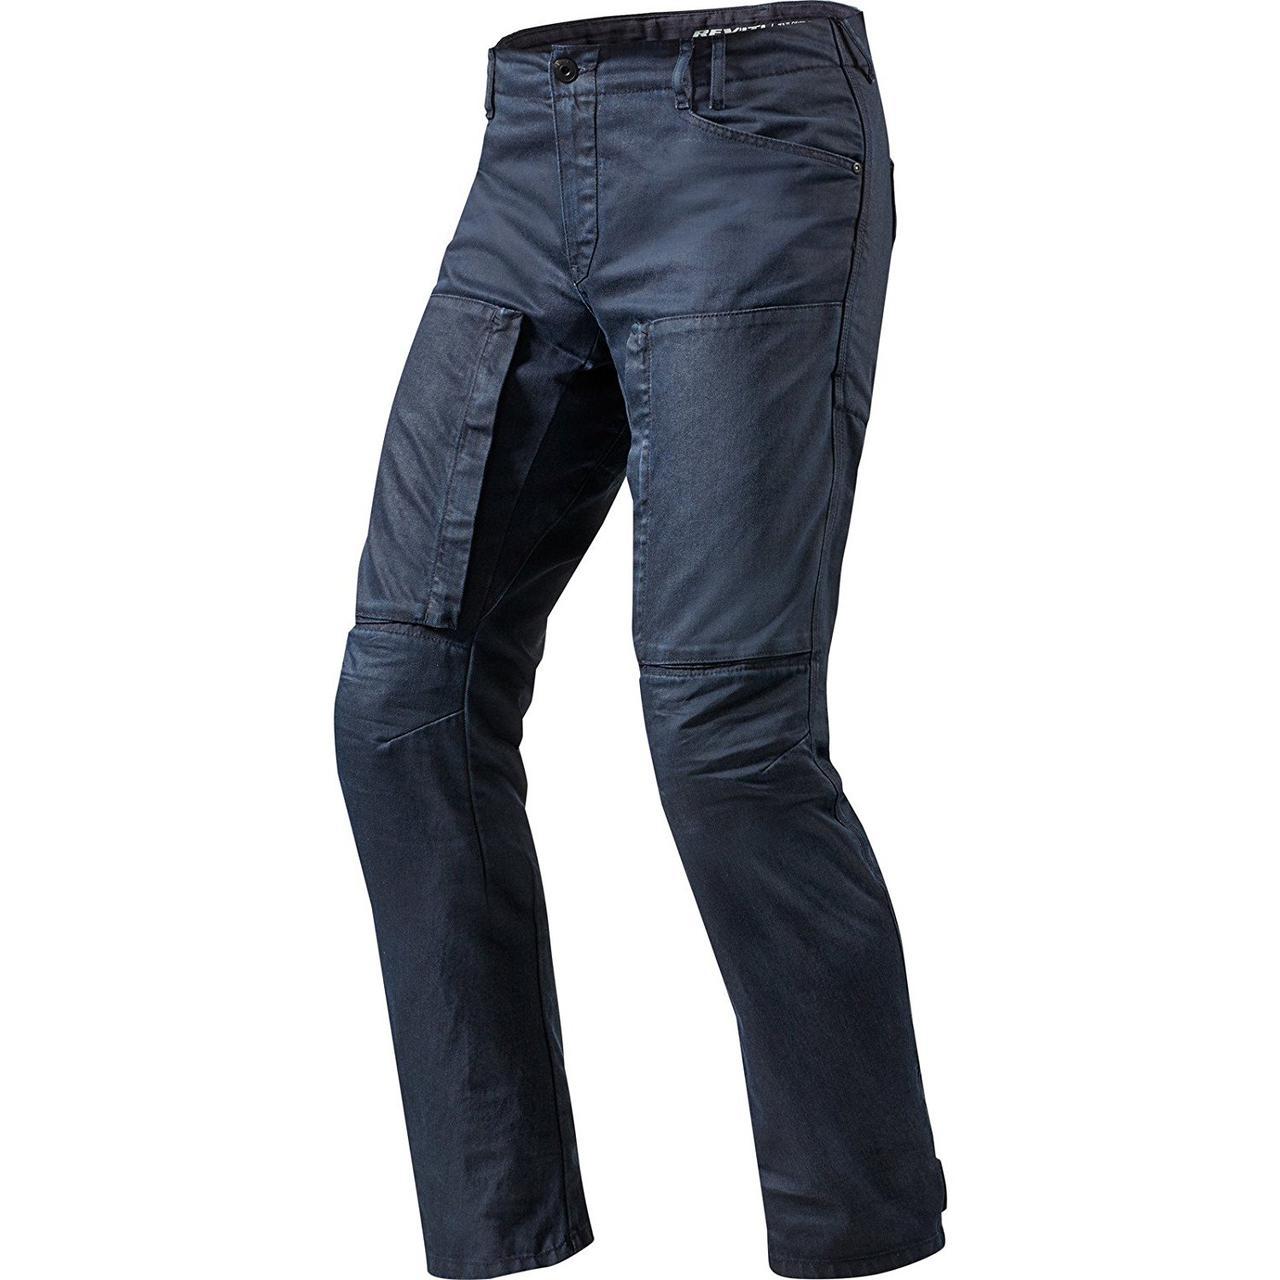 Джинсовые брюки Revit Rikom р. 31 L34 (с кевларовыми вставками)